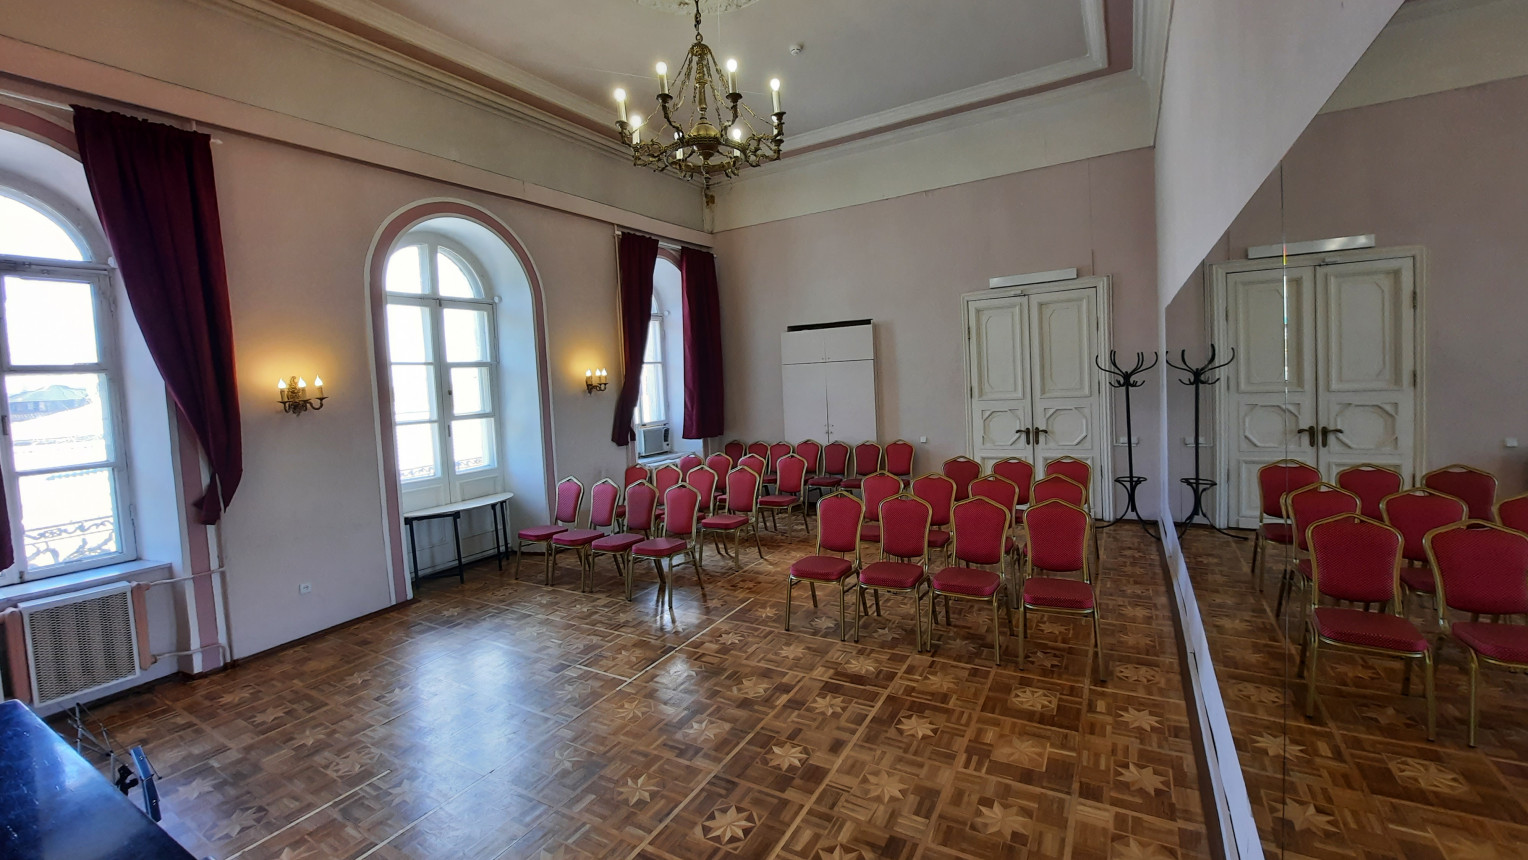 Зал с балконом XVIII века - фото №2